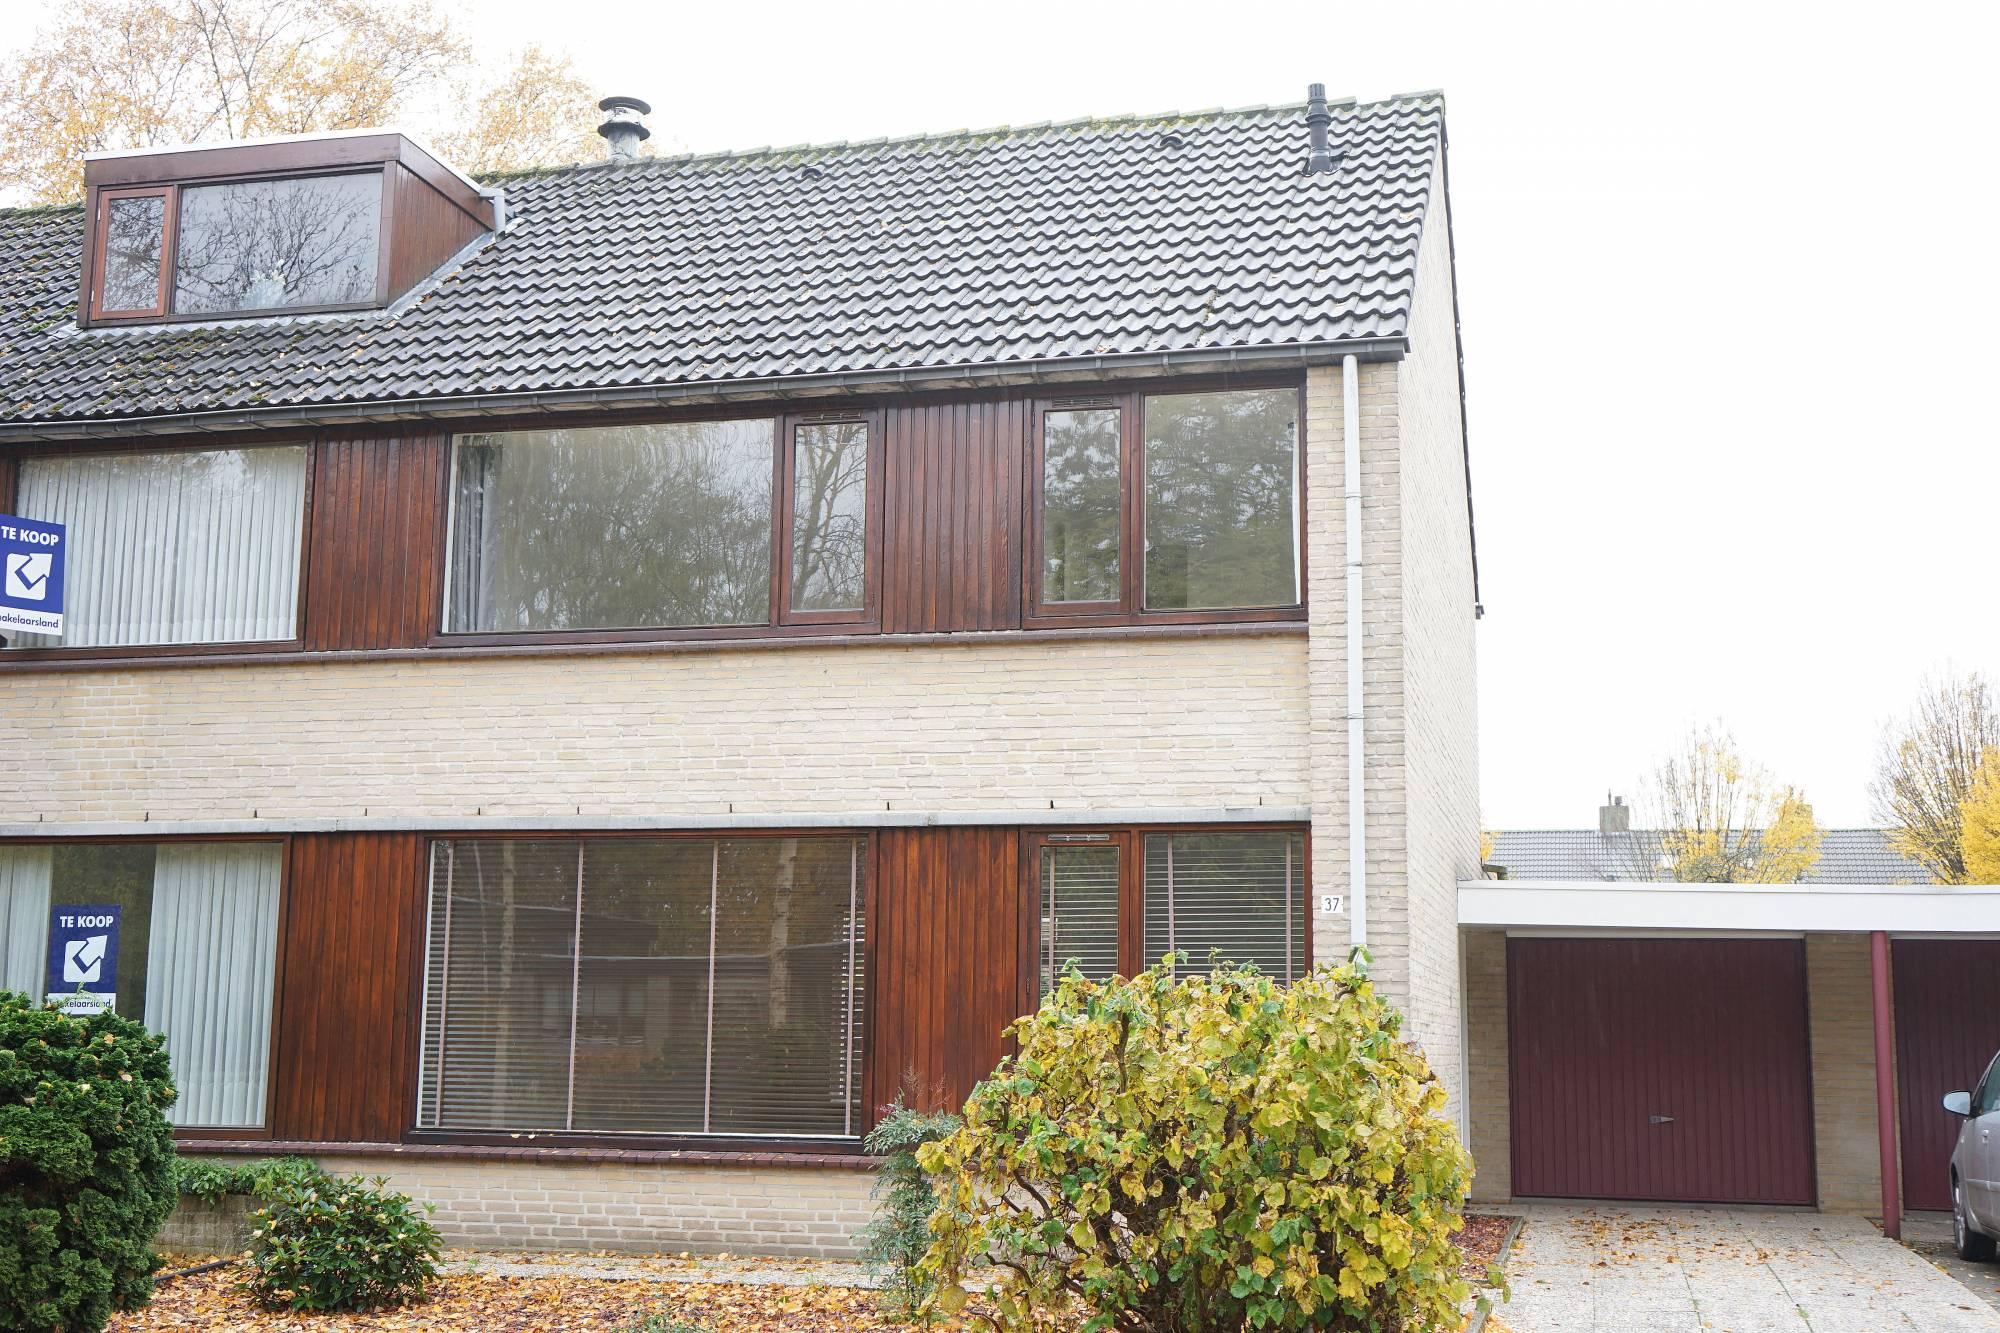 Braambesweg, Eindhoven